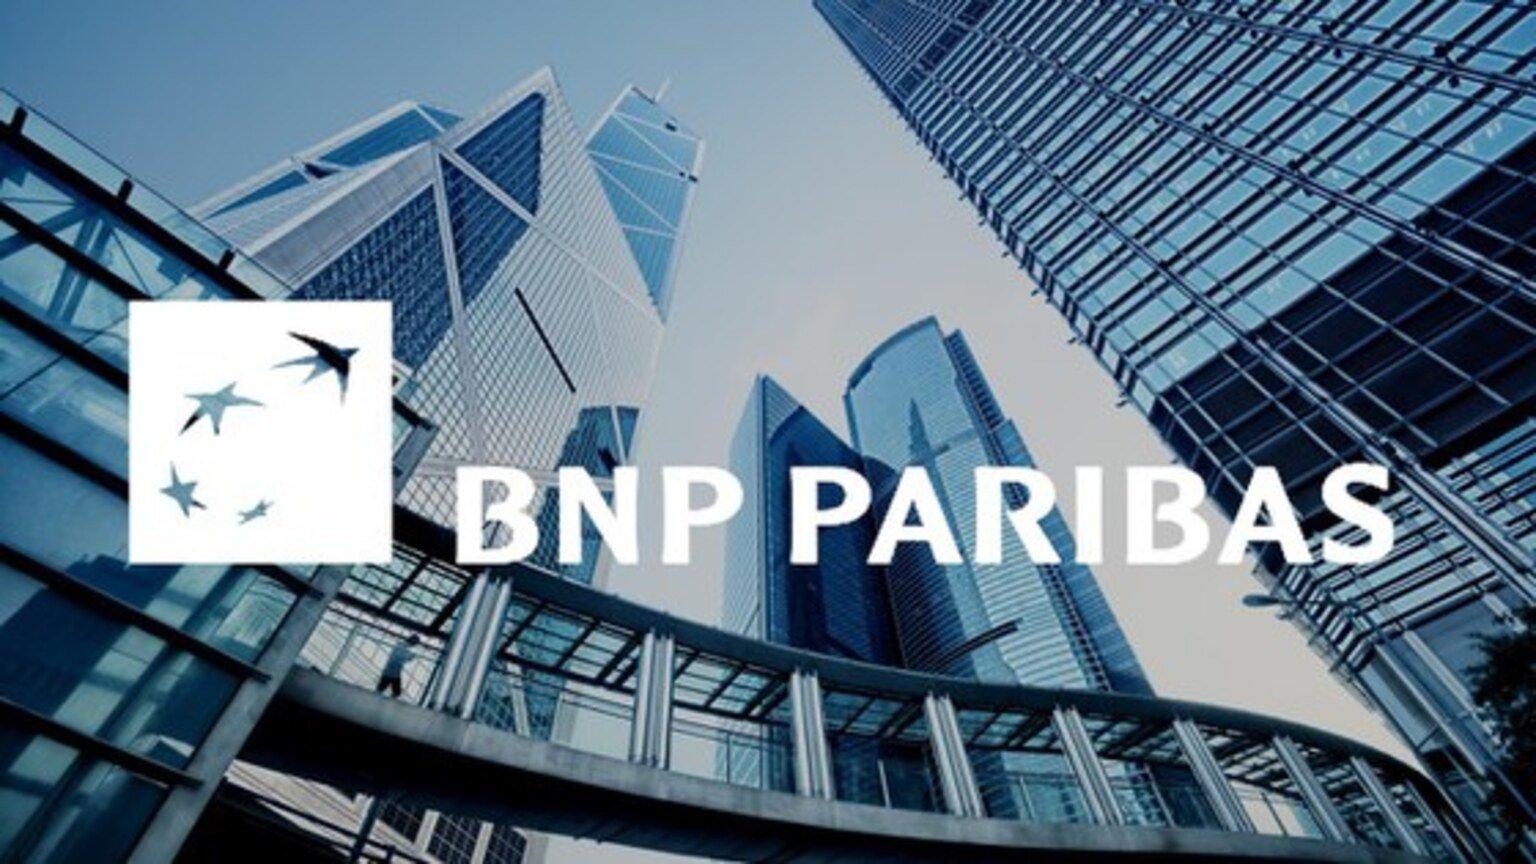 bnp-paribas-cch-tagetiks-financial-platform